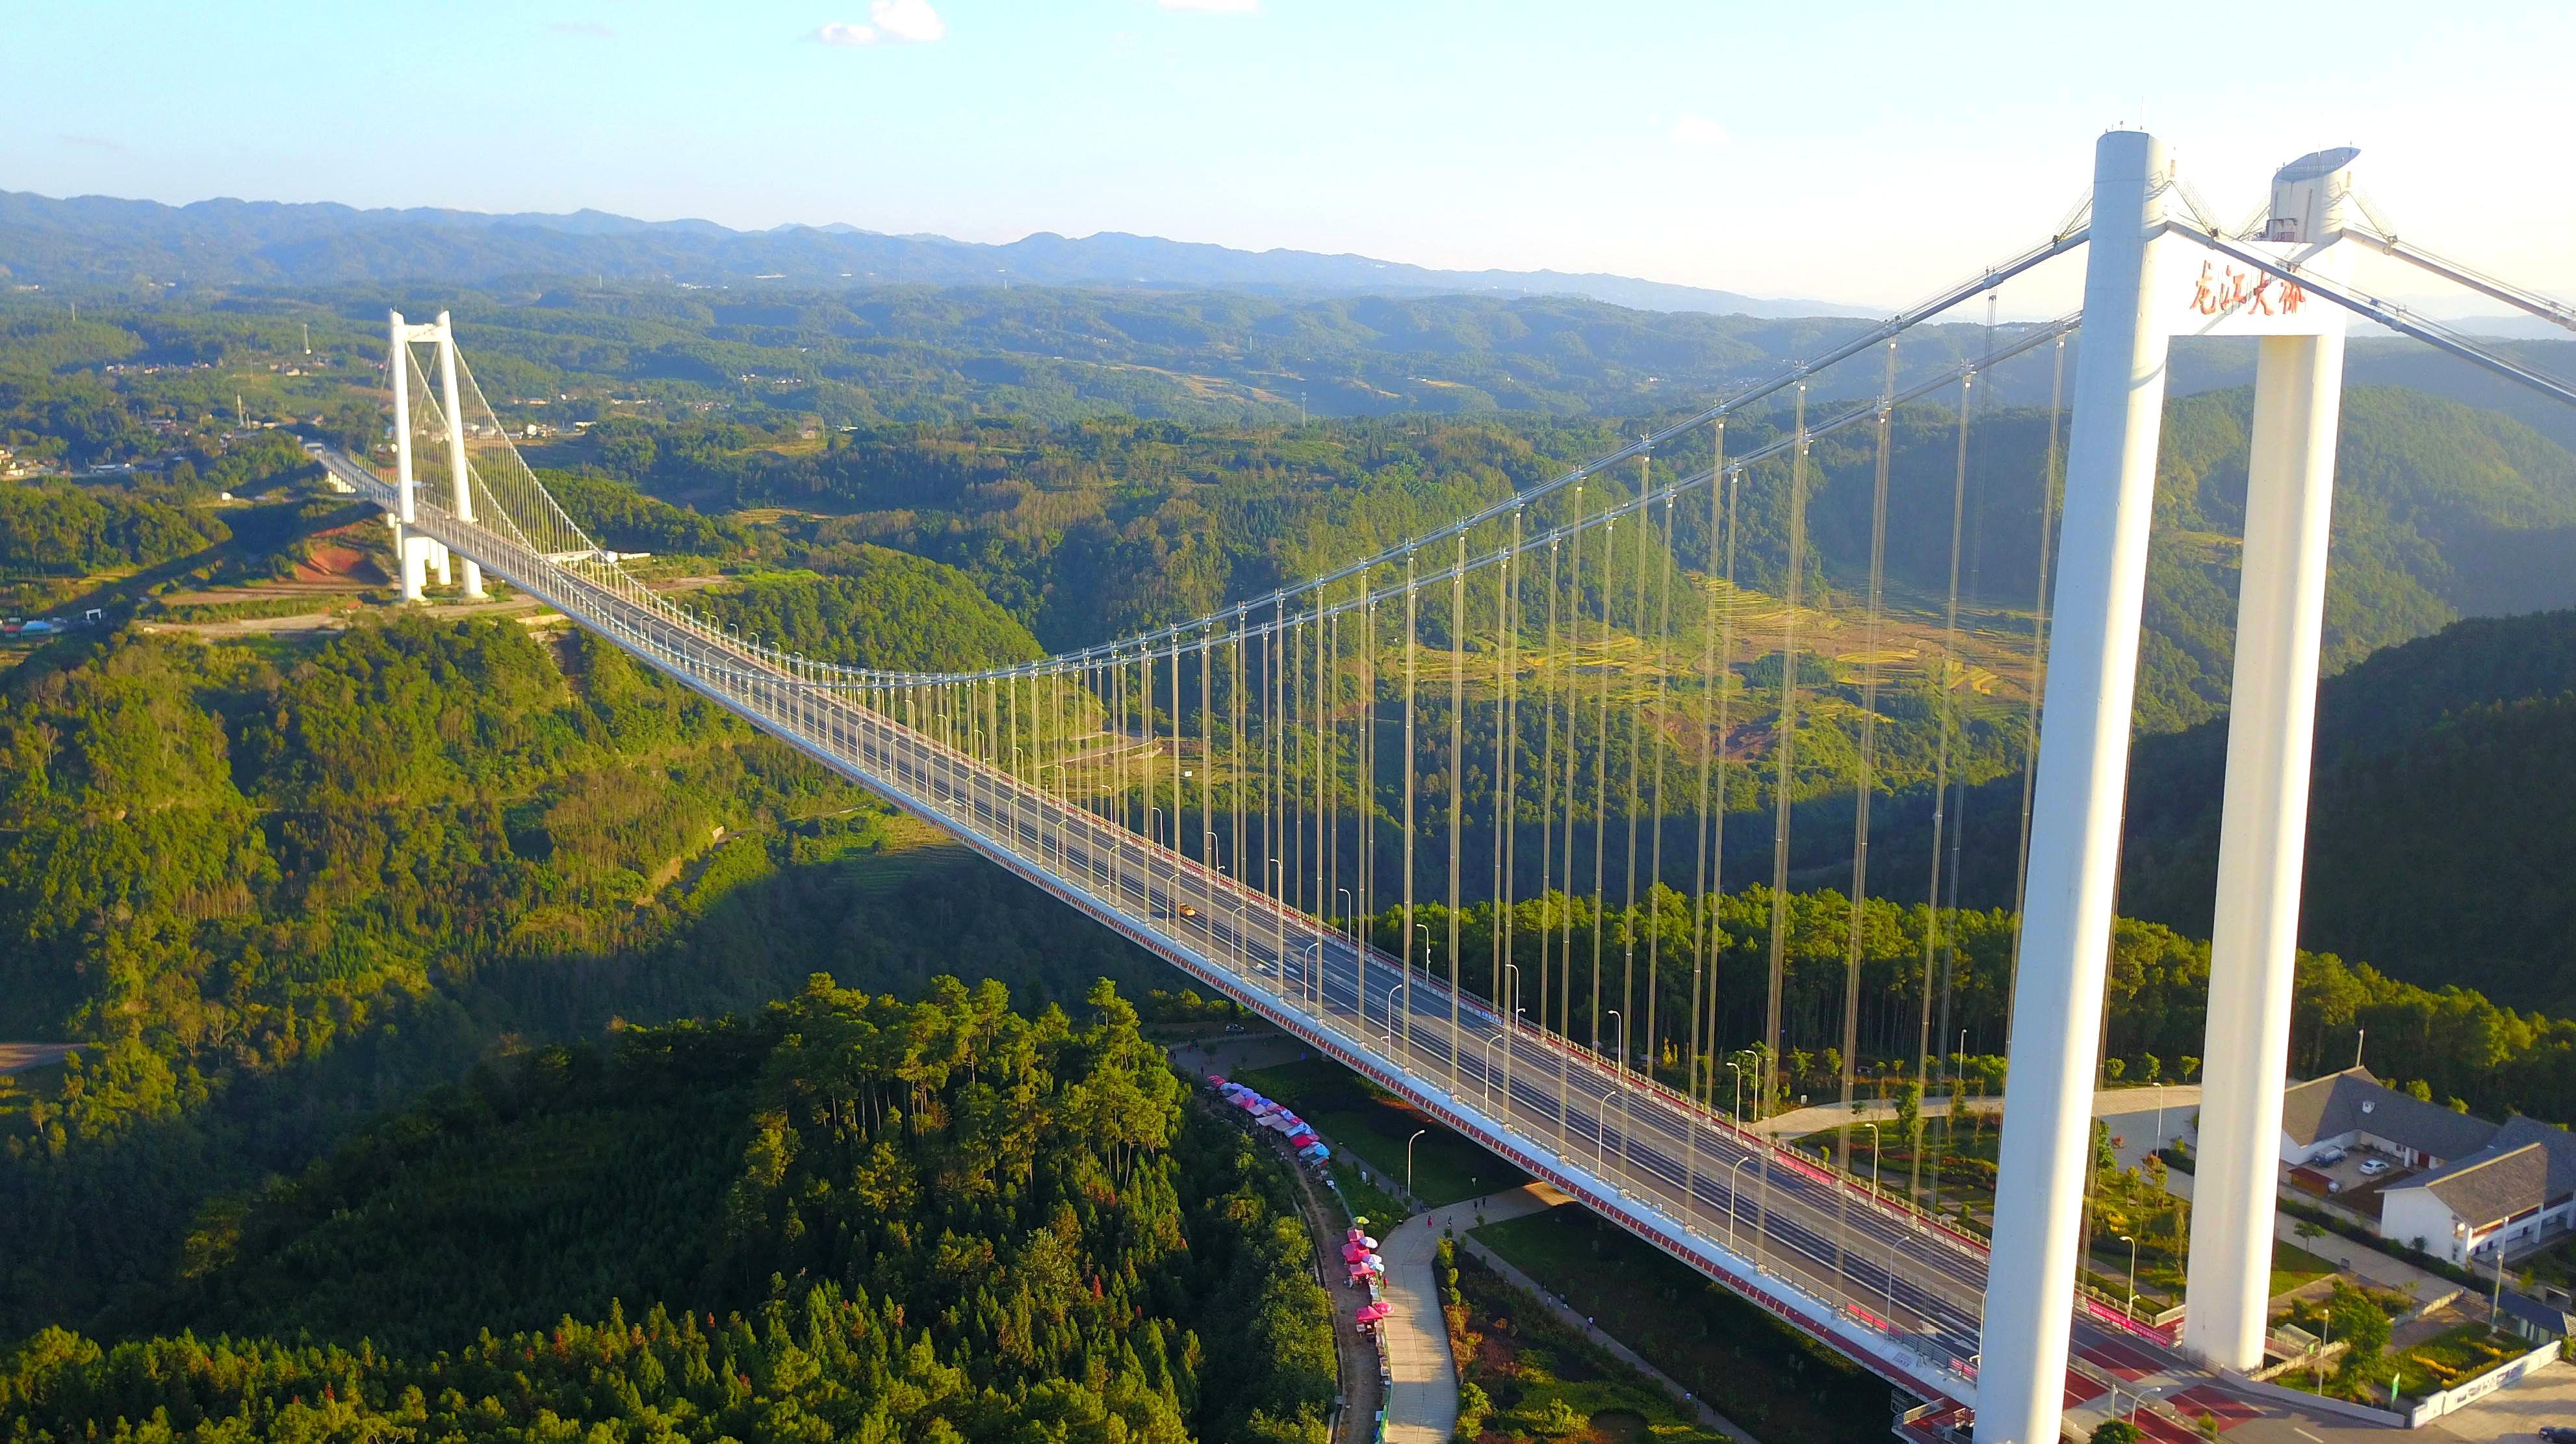 它是亚洲山区最大跨径的钢箱梁悬索桥,建设难度相当大!